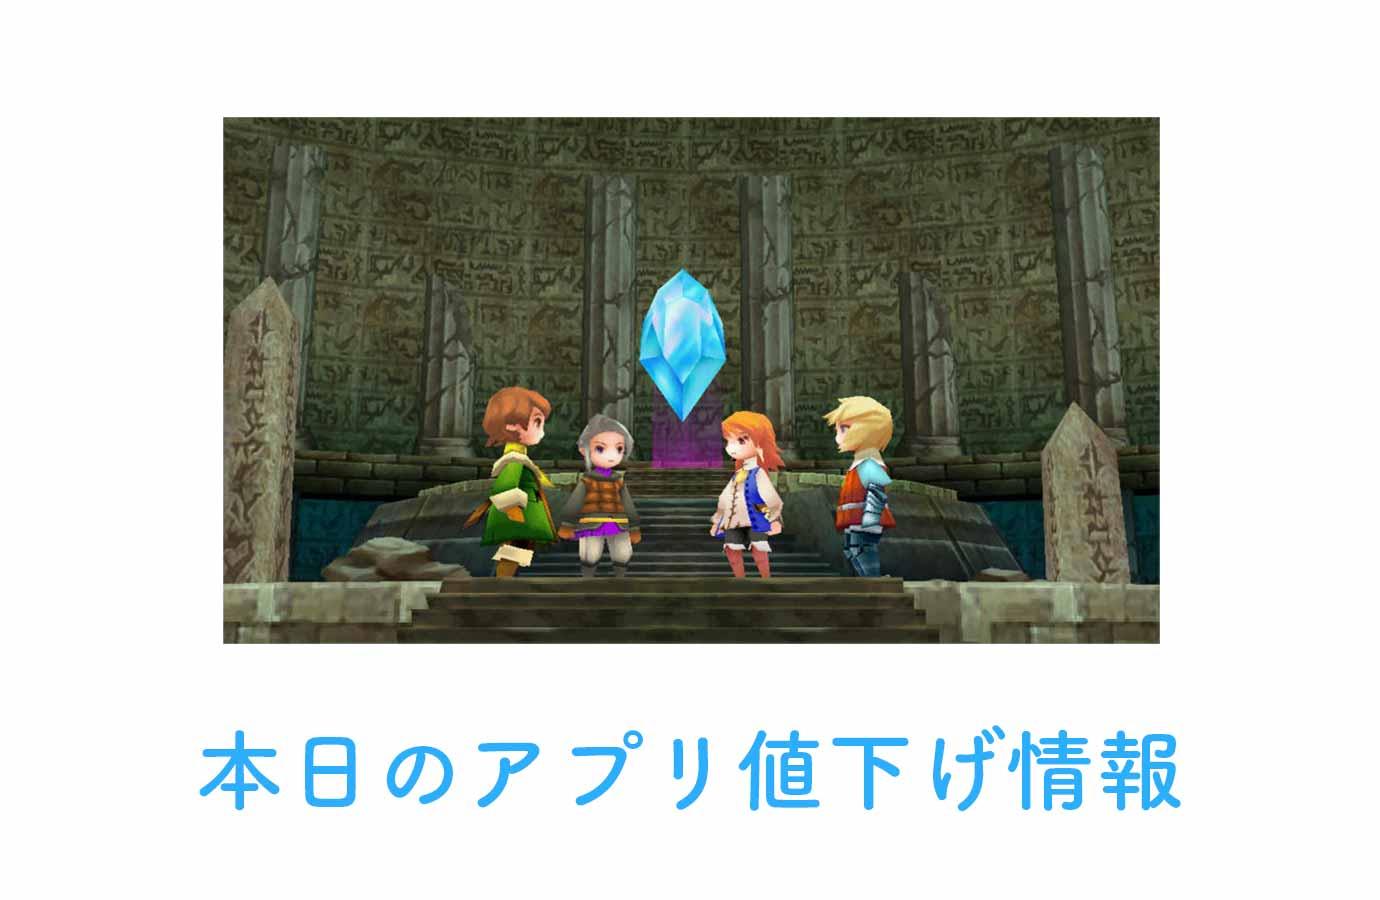 50%オフ!FFシリーズ第3弾「Final Fantasy III」など【11/5】アプリ値下げ情報